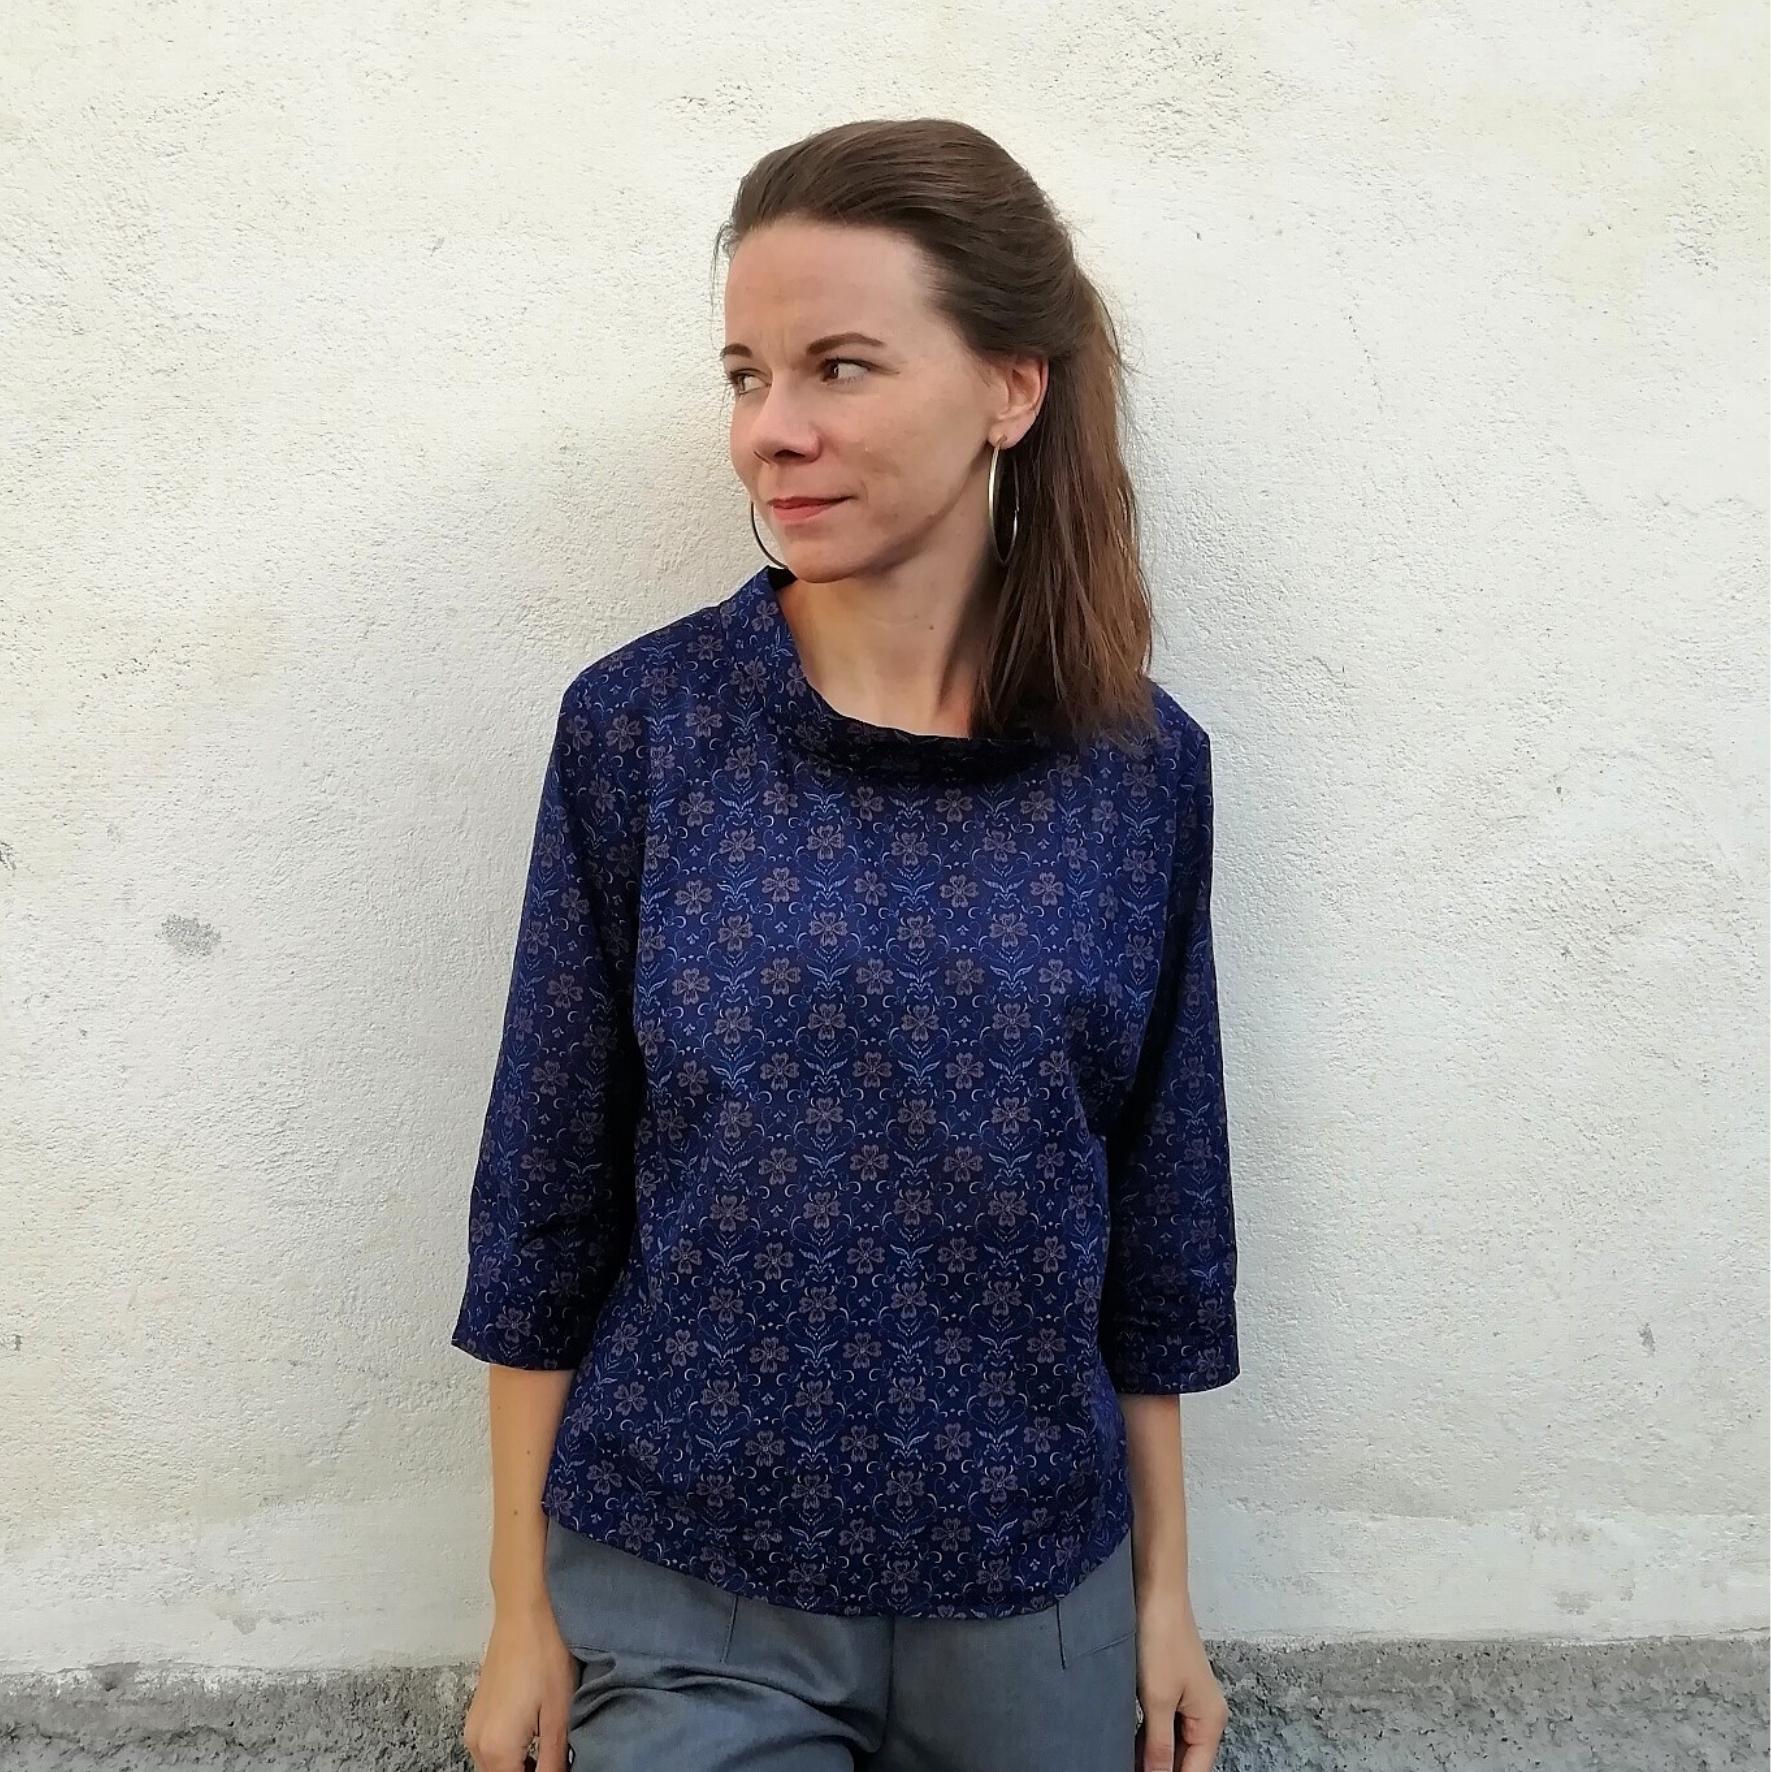 Kukallinen pusero kierrätyskankaasta - Aana Ilona